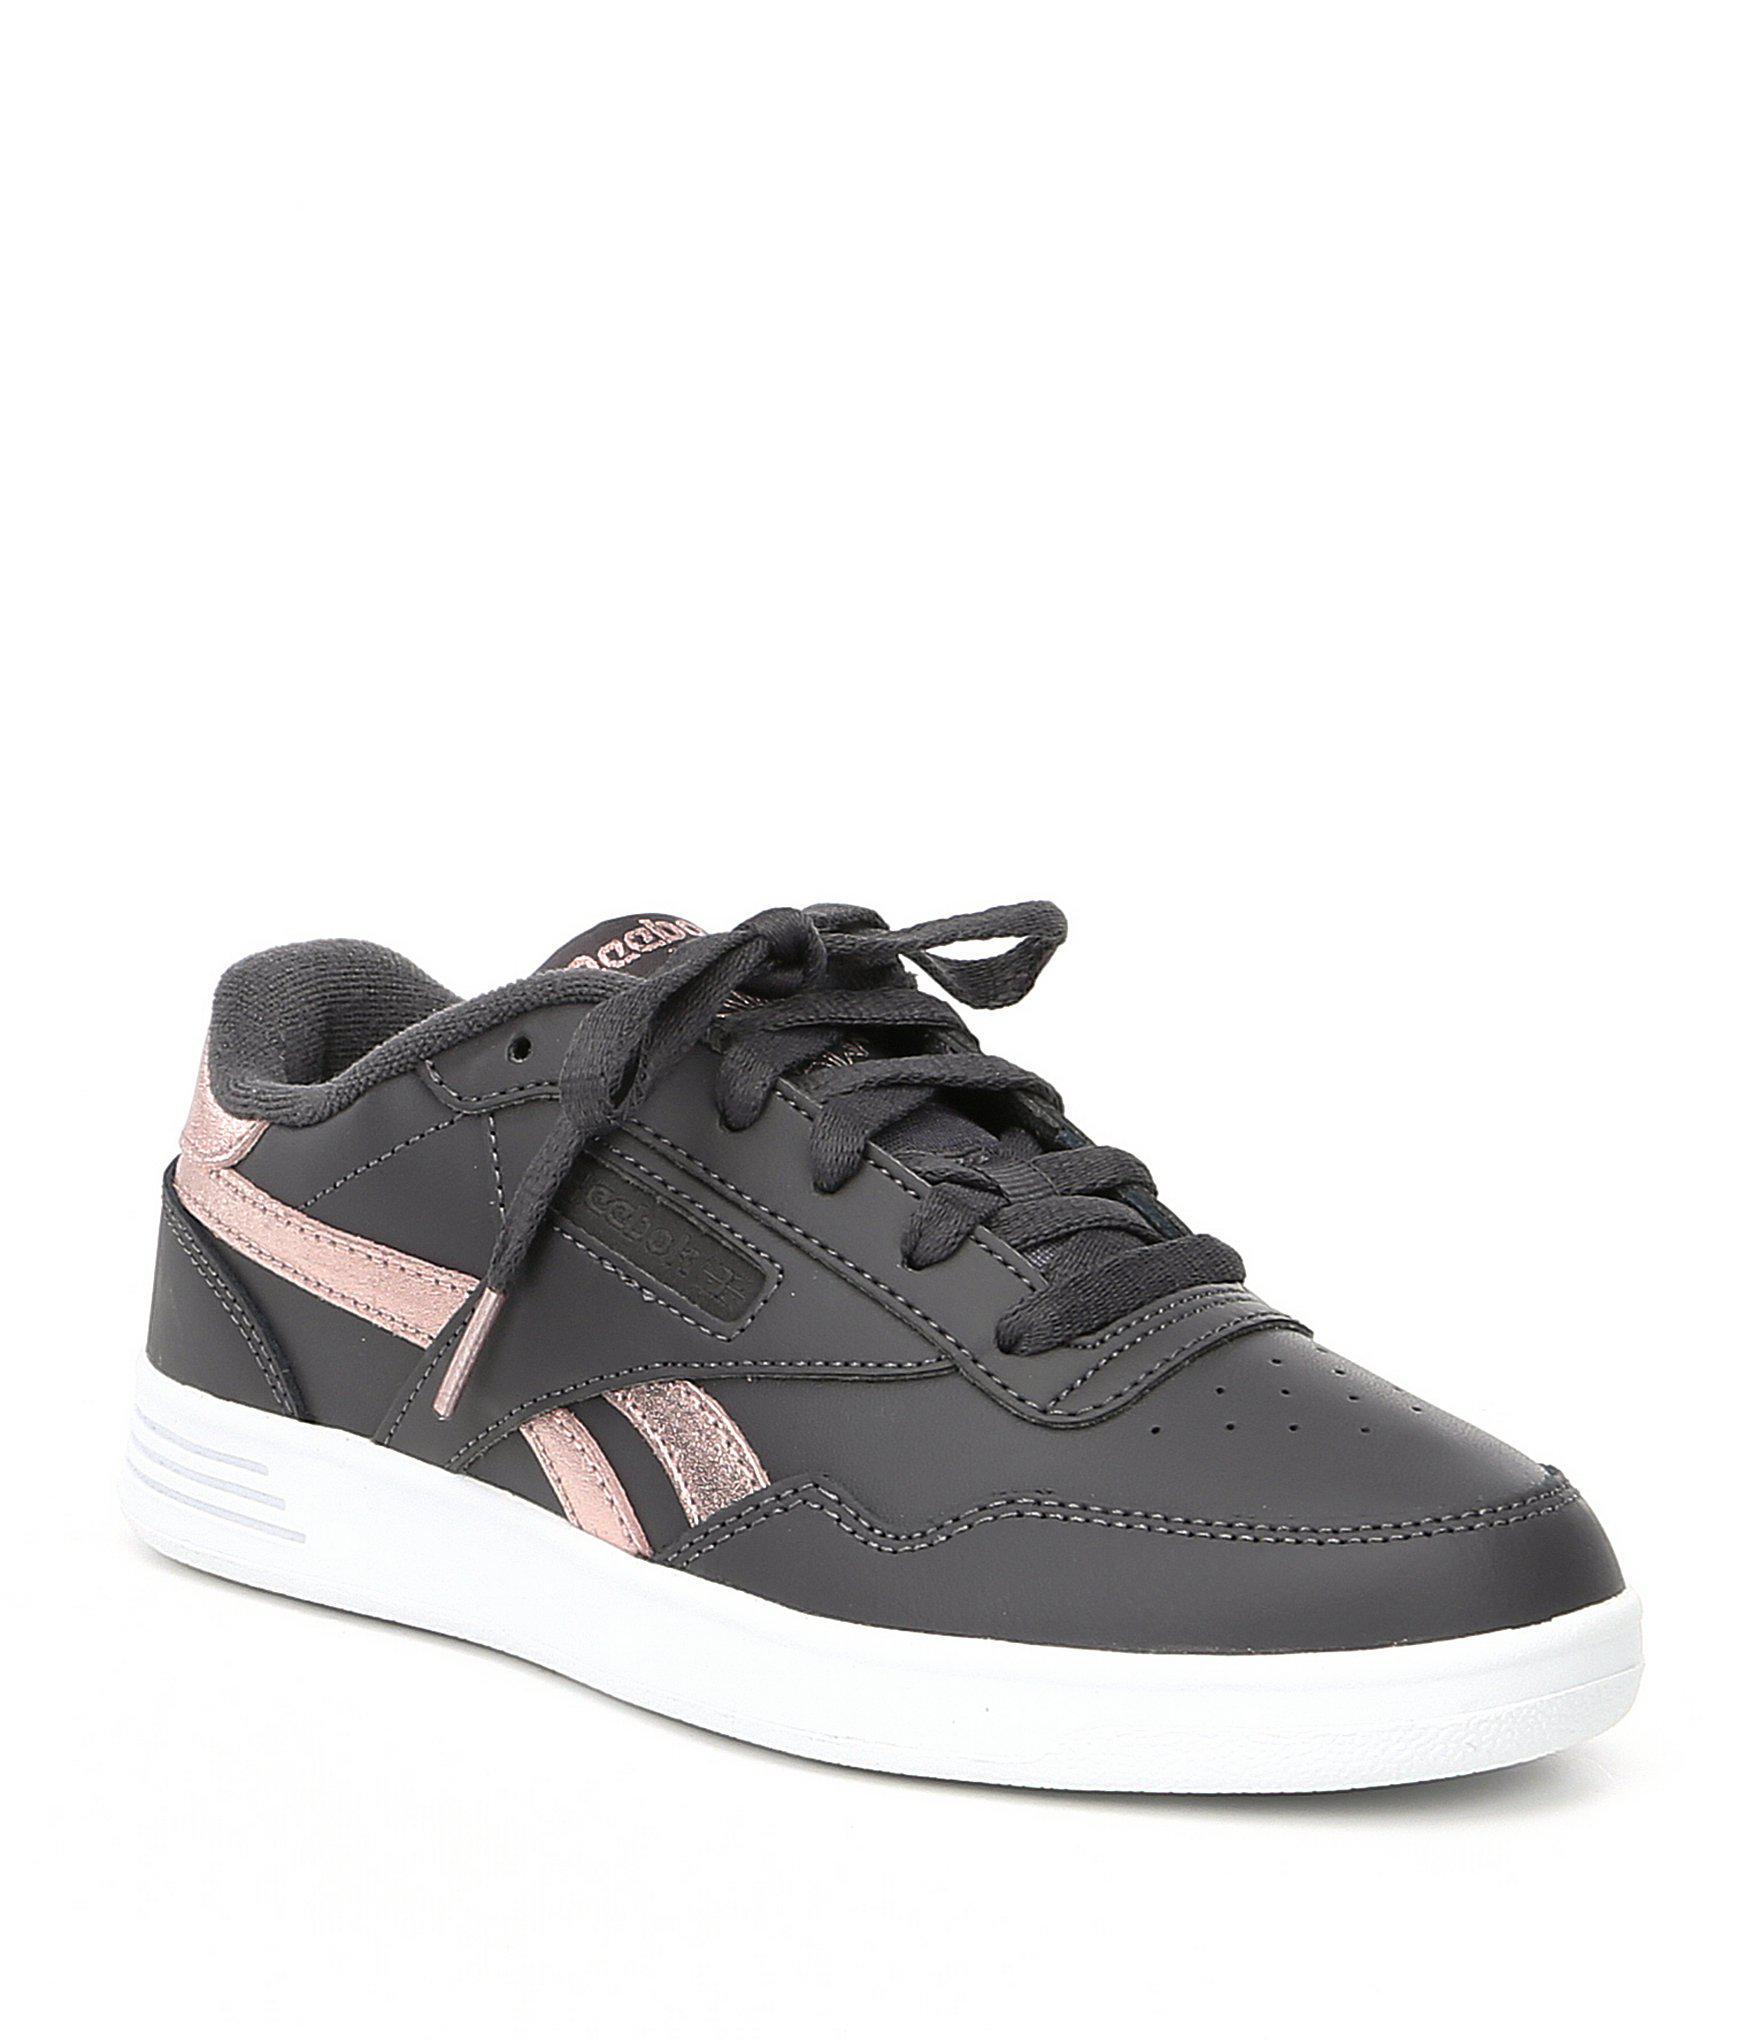 b331a152a249 Lyst - Reebok Women s Club Memt Shoes in Gray